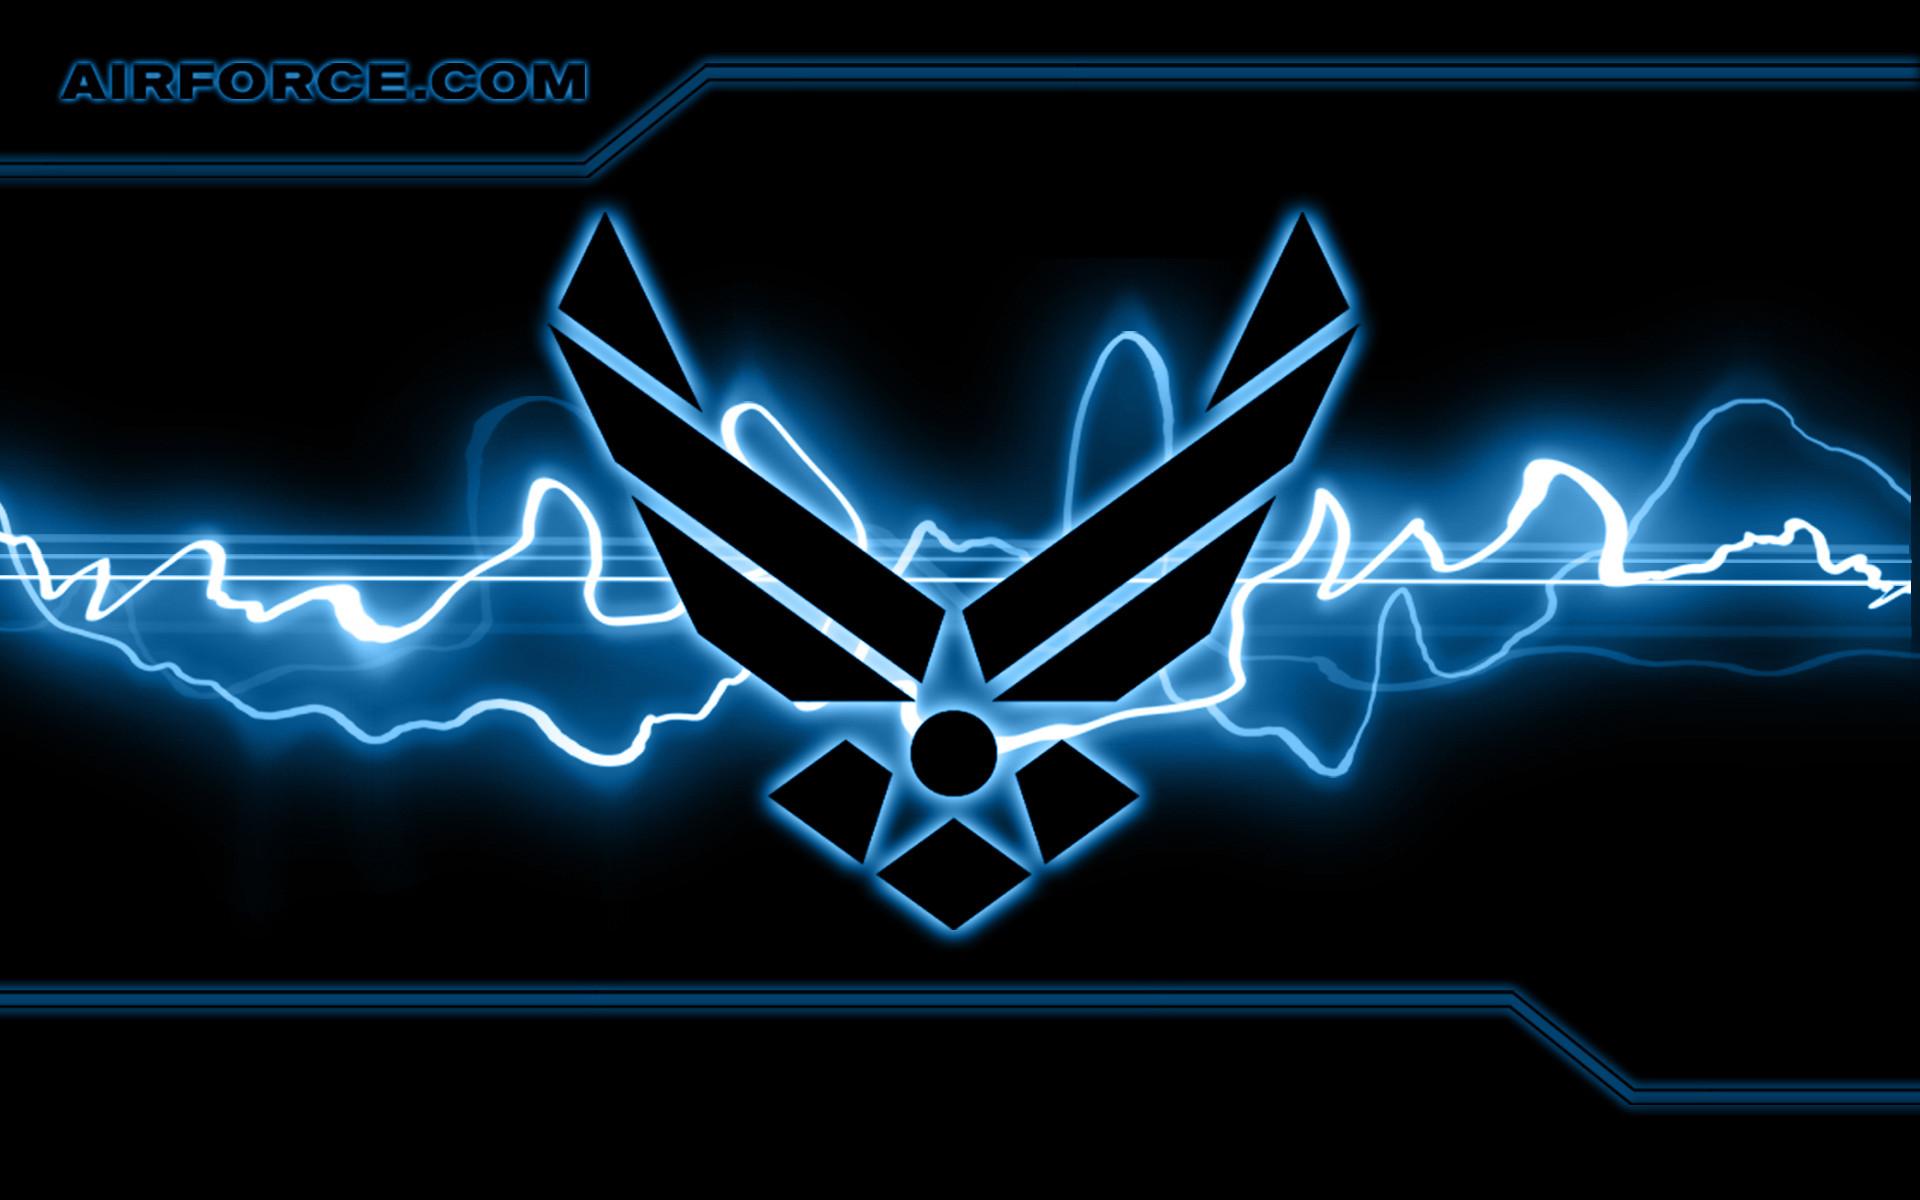 Air Force Emblem Wallpaper #170495 – Resolution px